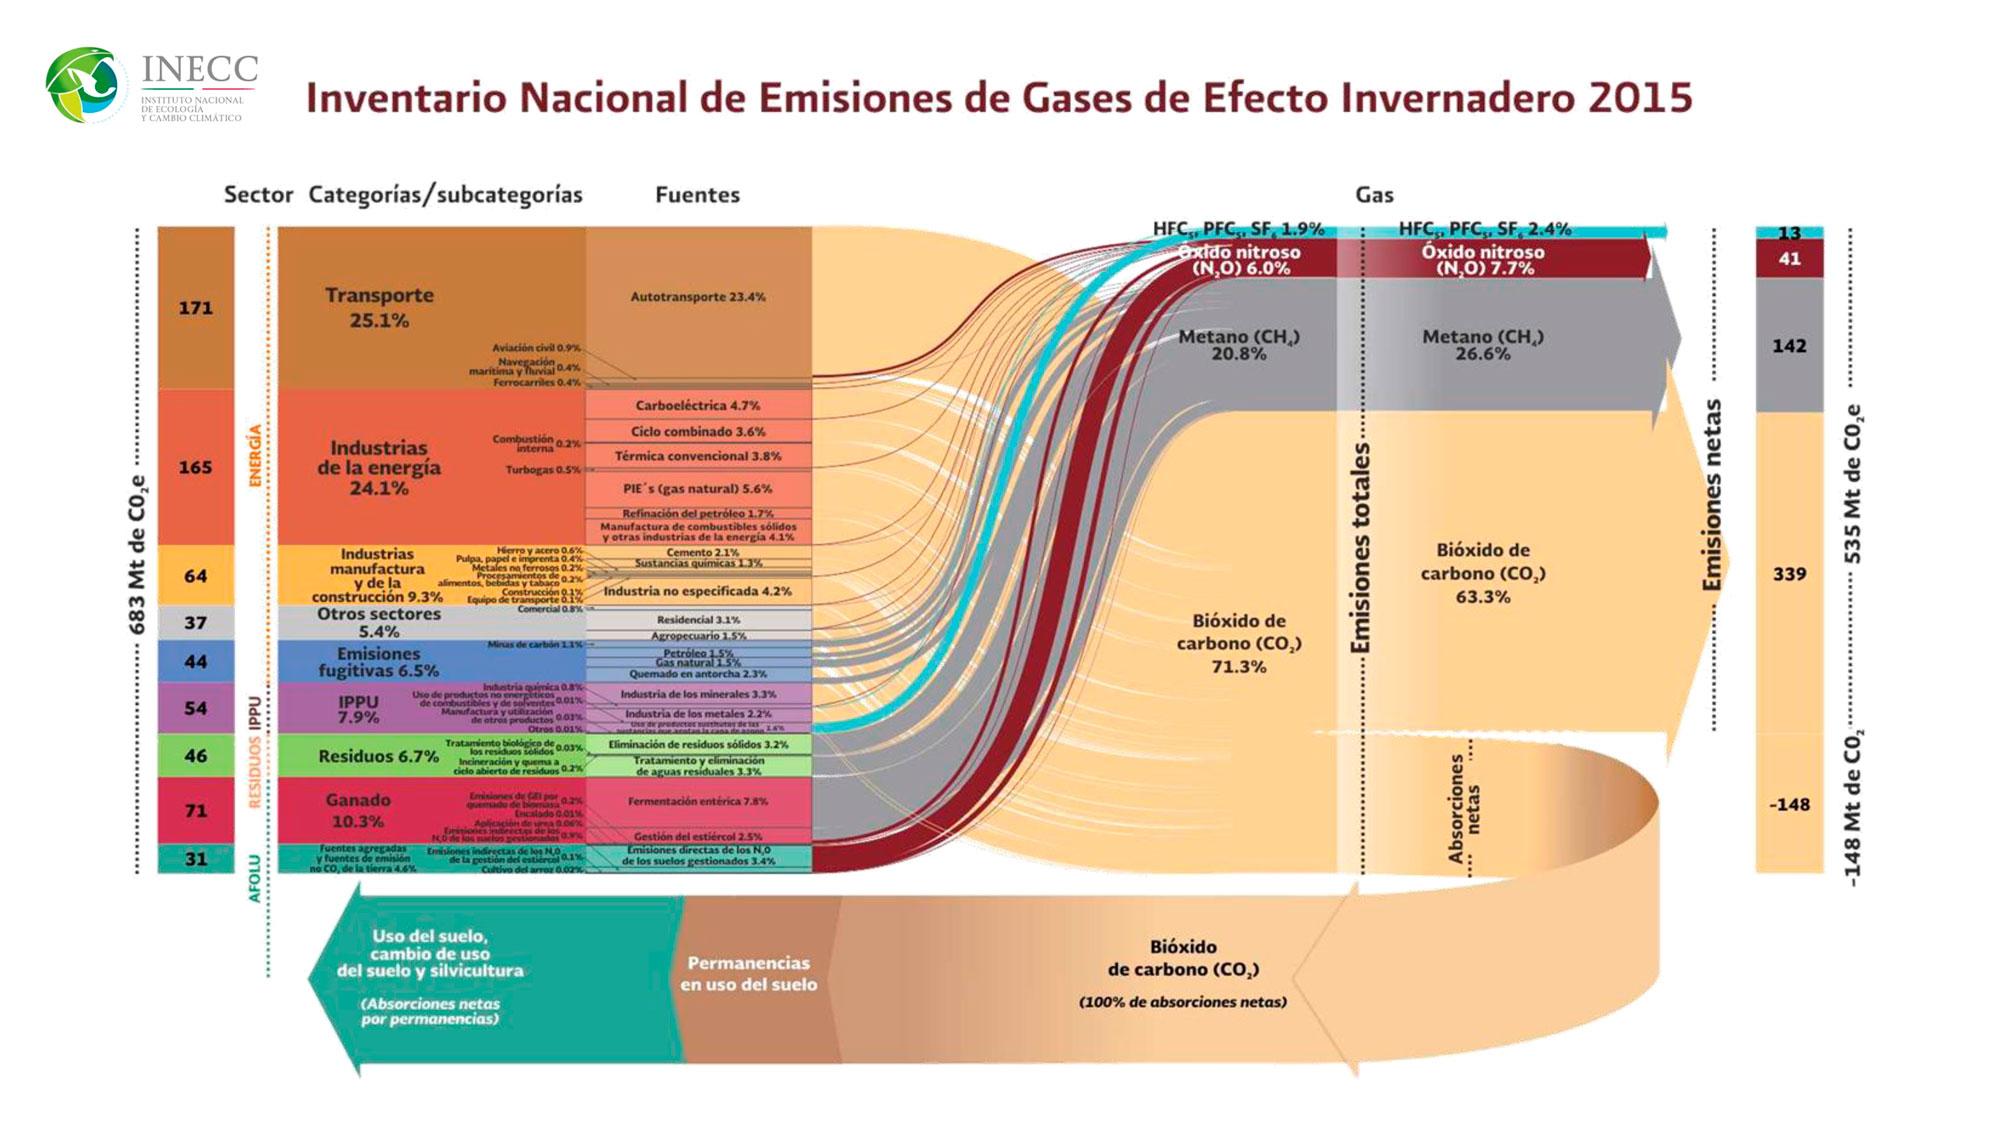 Inventario Nacional de Emisiones de Gases de Efecto Invernadero 2015